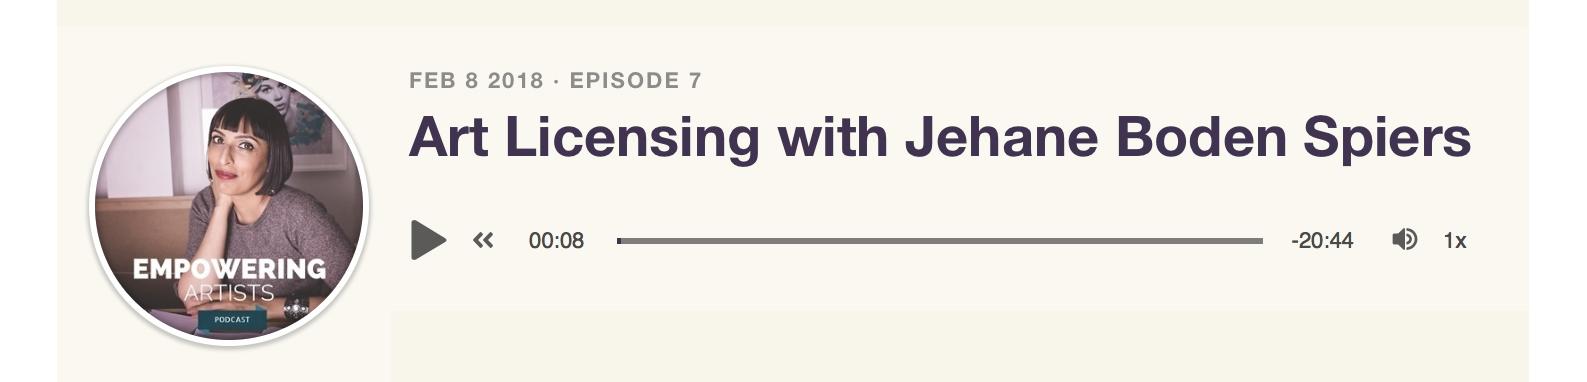 ArtLicensing_podcast.jpg